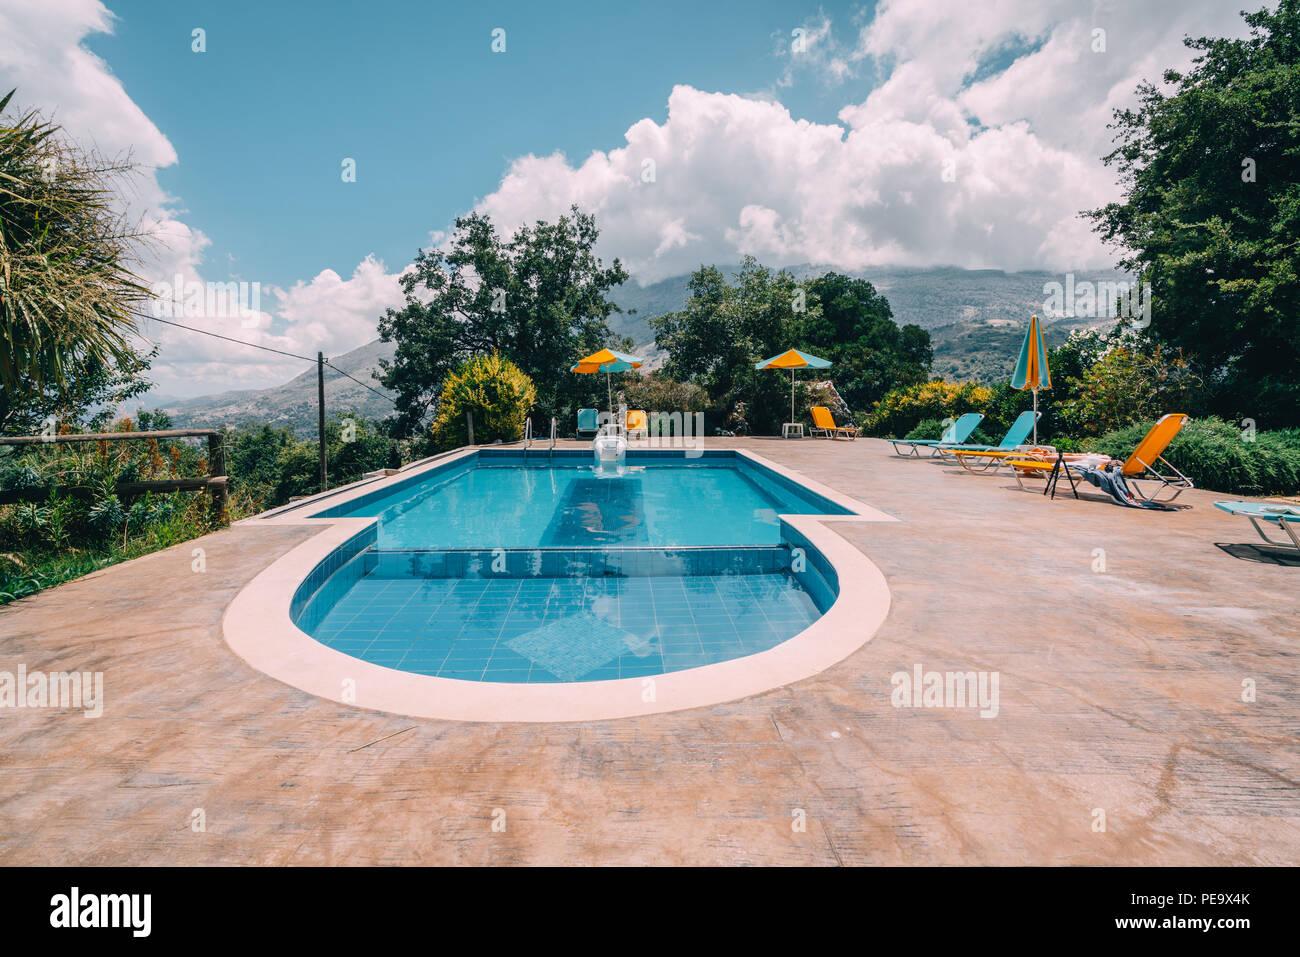 Wunderschöne Aussicht auf Pool und clourful liegen in Richtung Berge und blauer Himmel mit Wolken. Foto auf Kreta, Griechenland. Stockbild